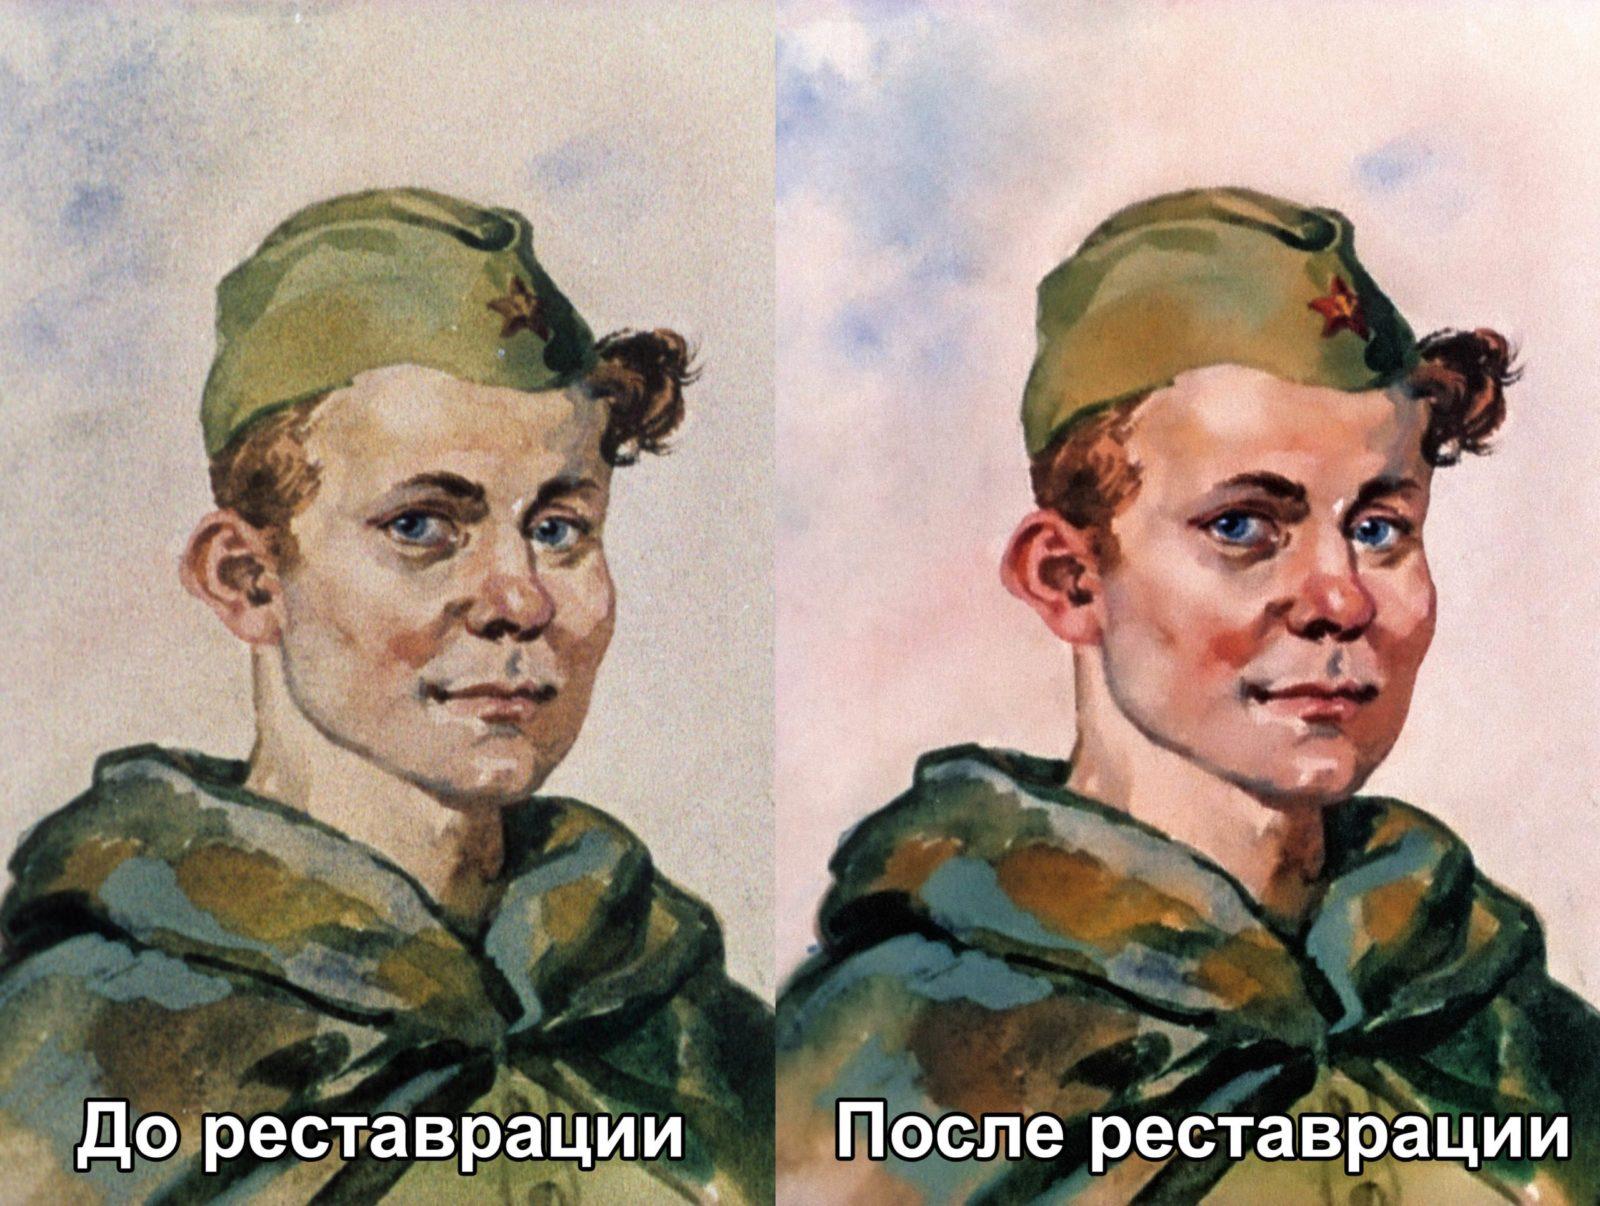 Диафильм - Рассказы разведчика Жилкина (1982)